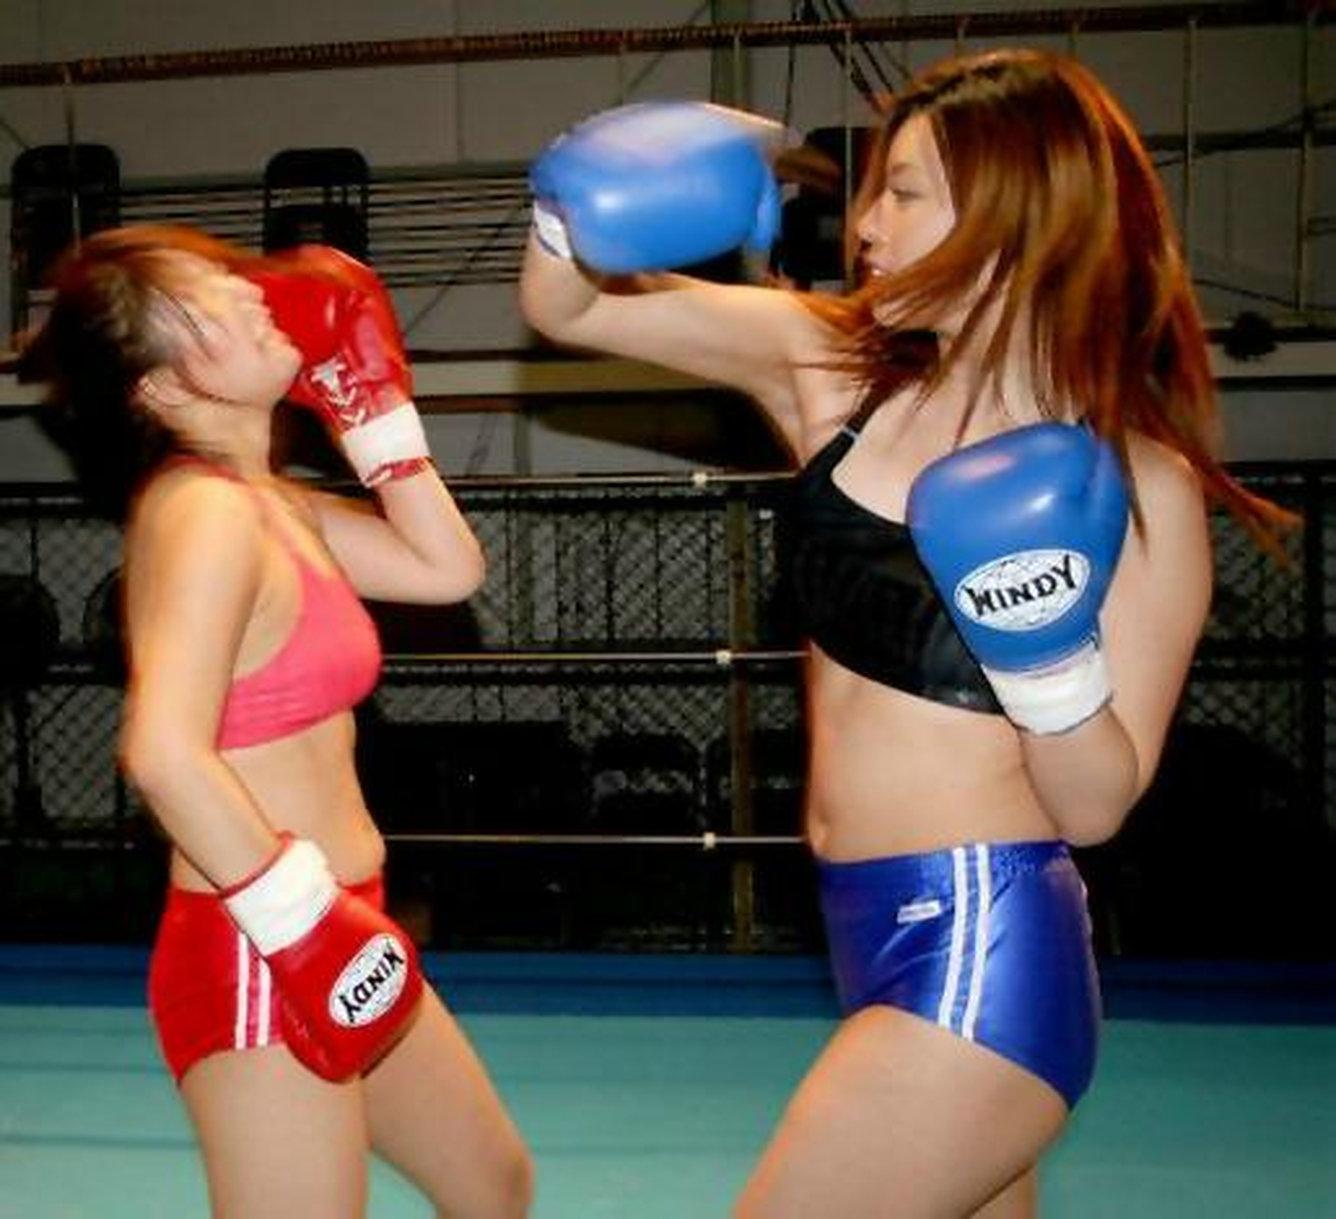 ダイナミック 女子 ボクシング グローブ